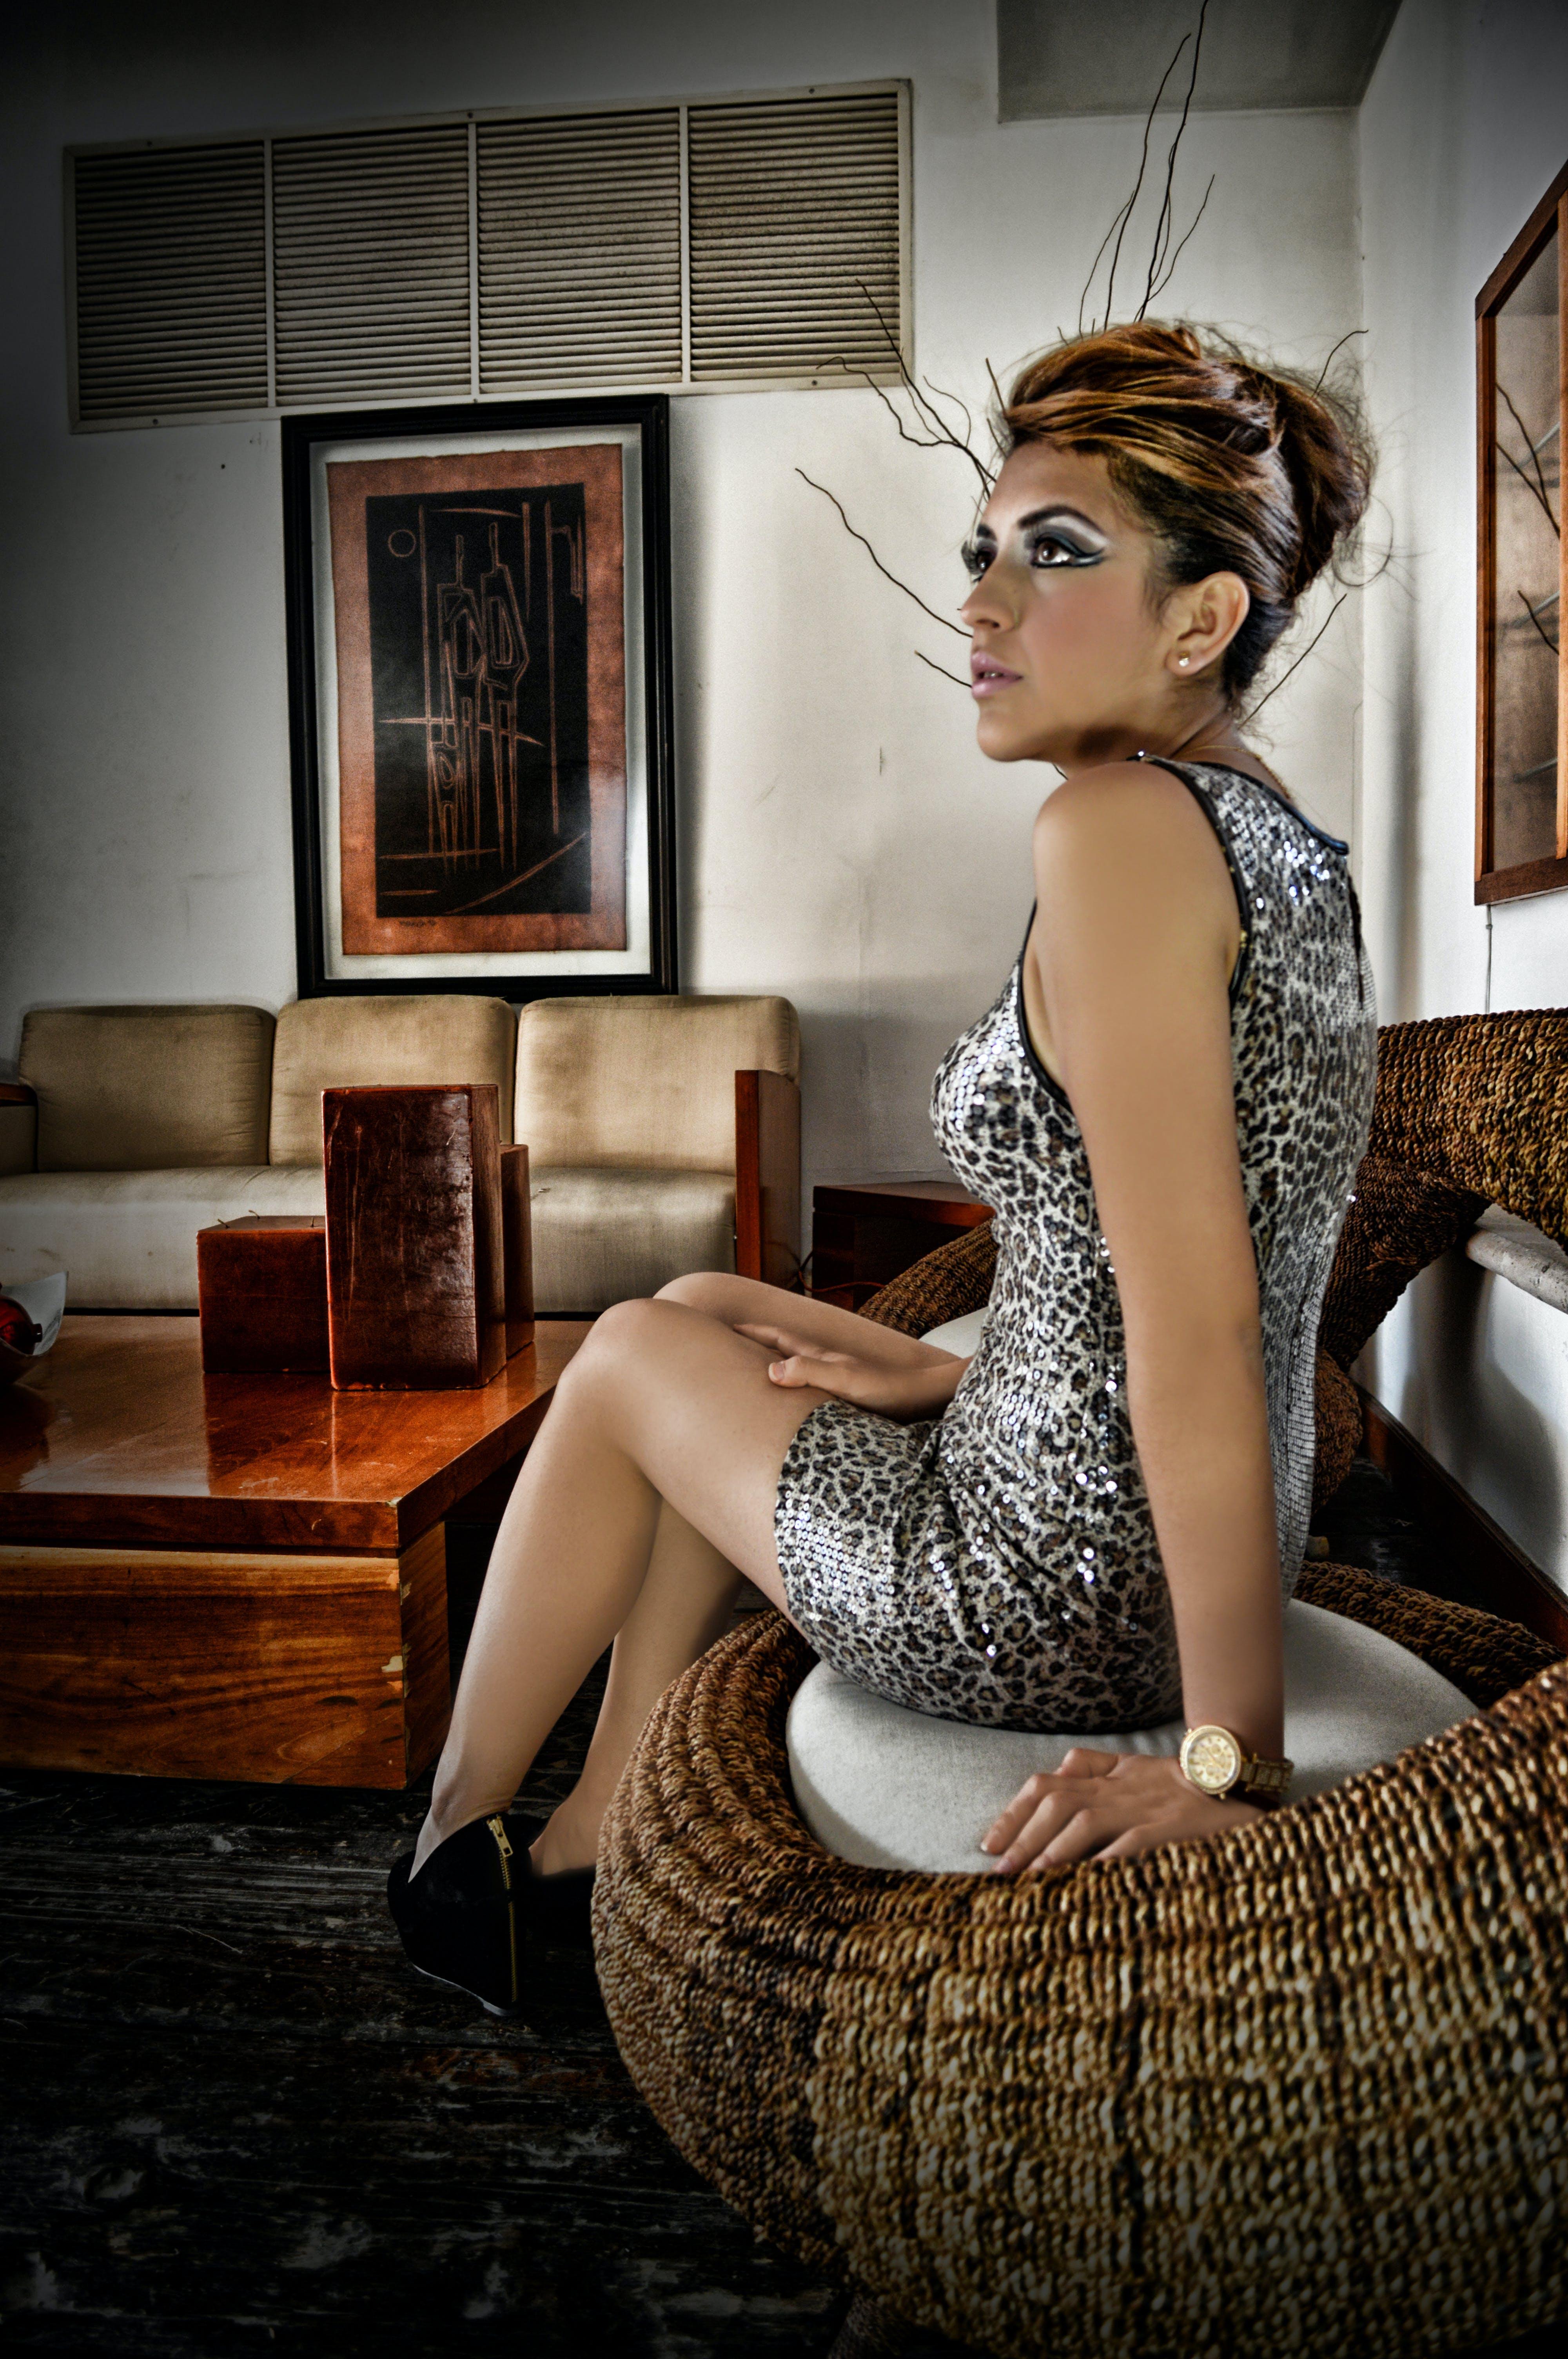 attraktiv, dame, elegance